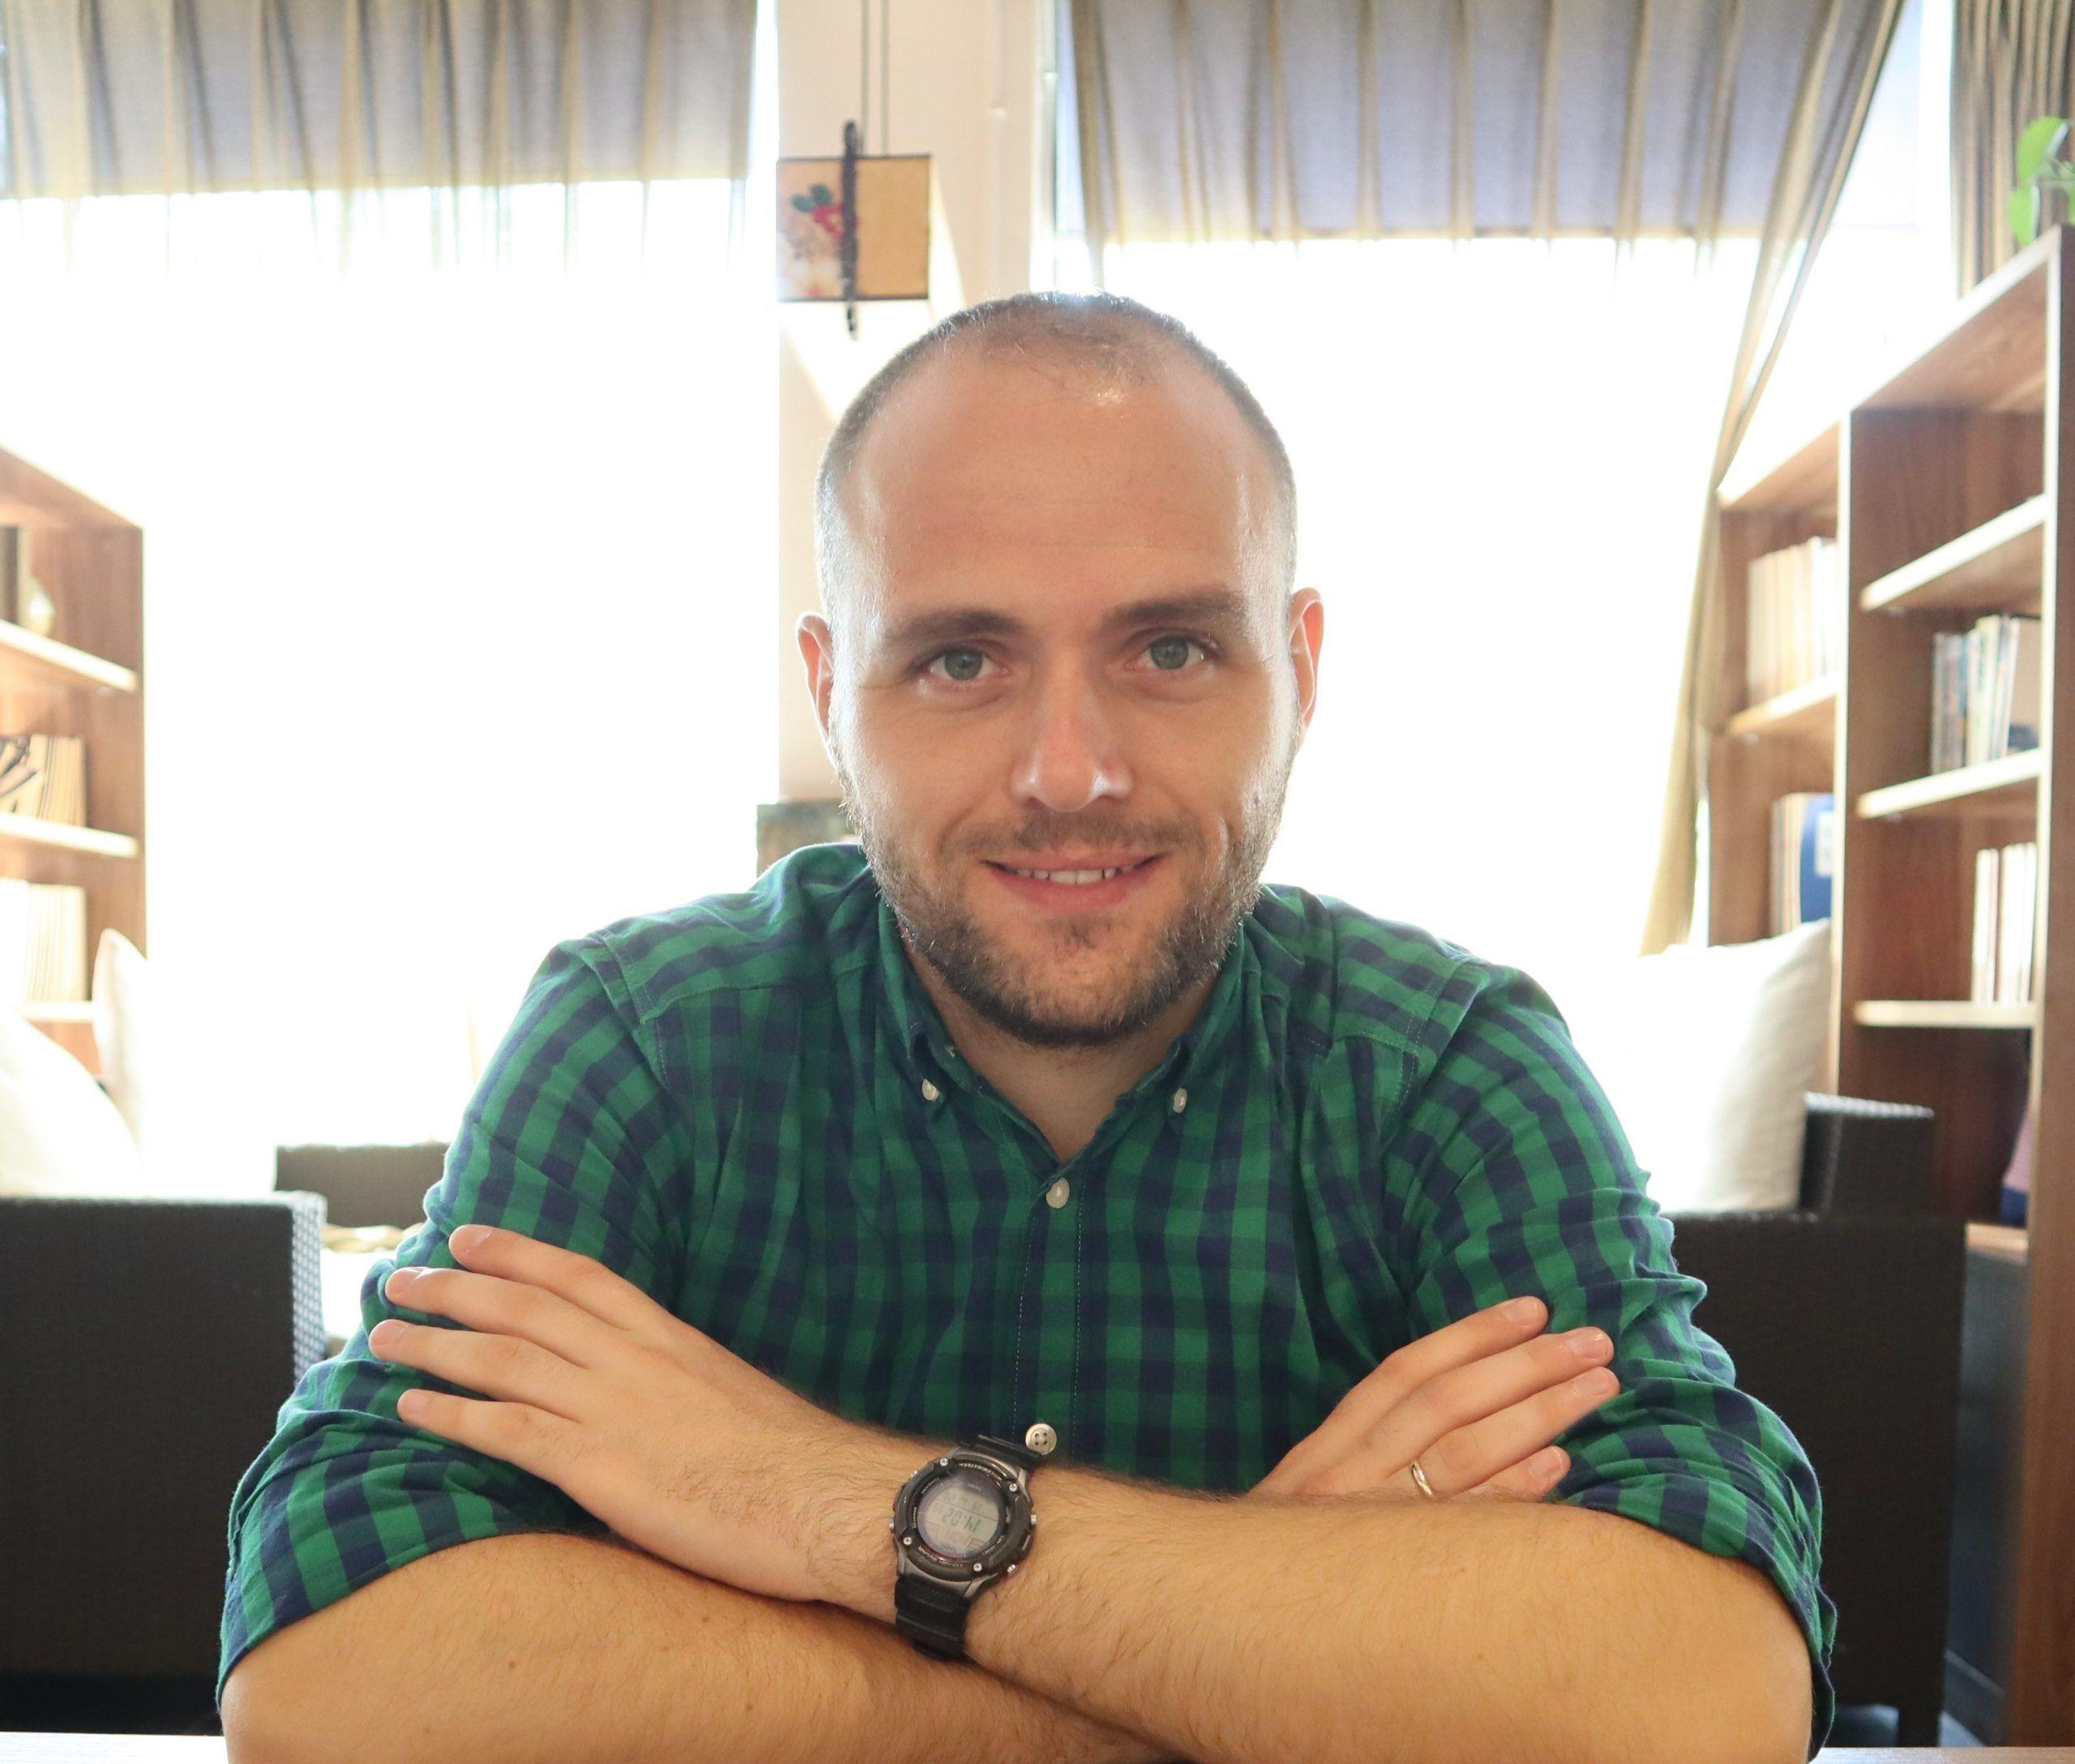 Antonio foto